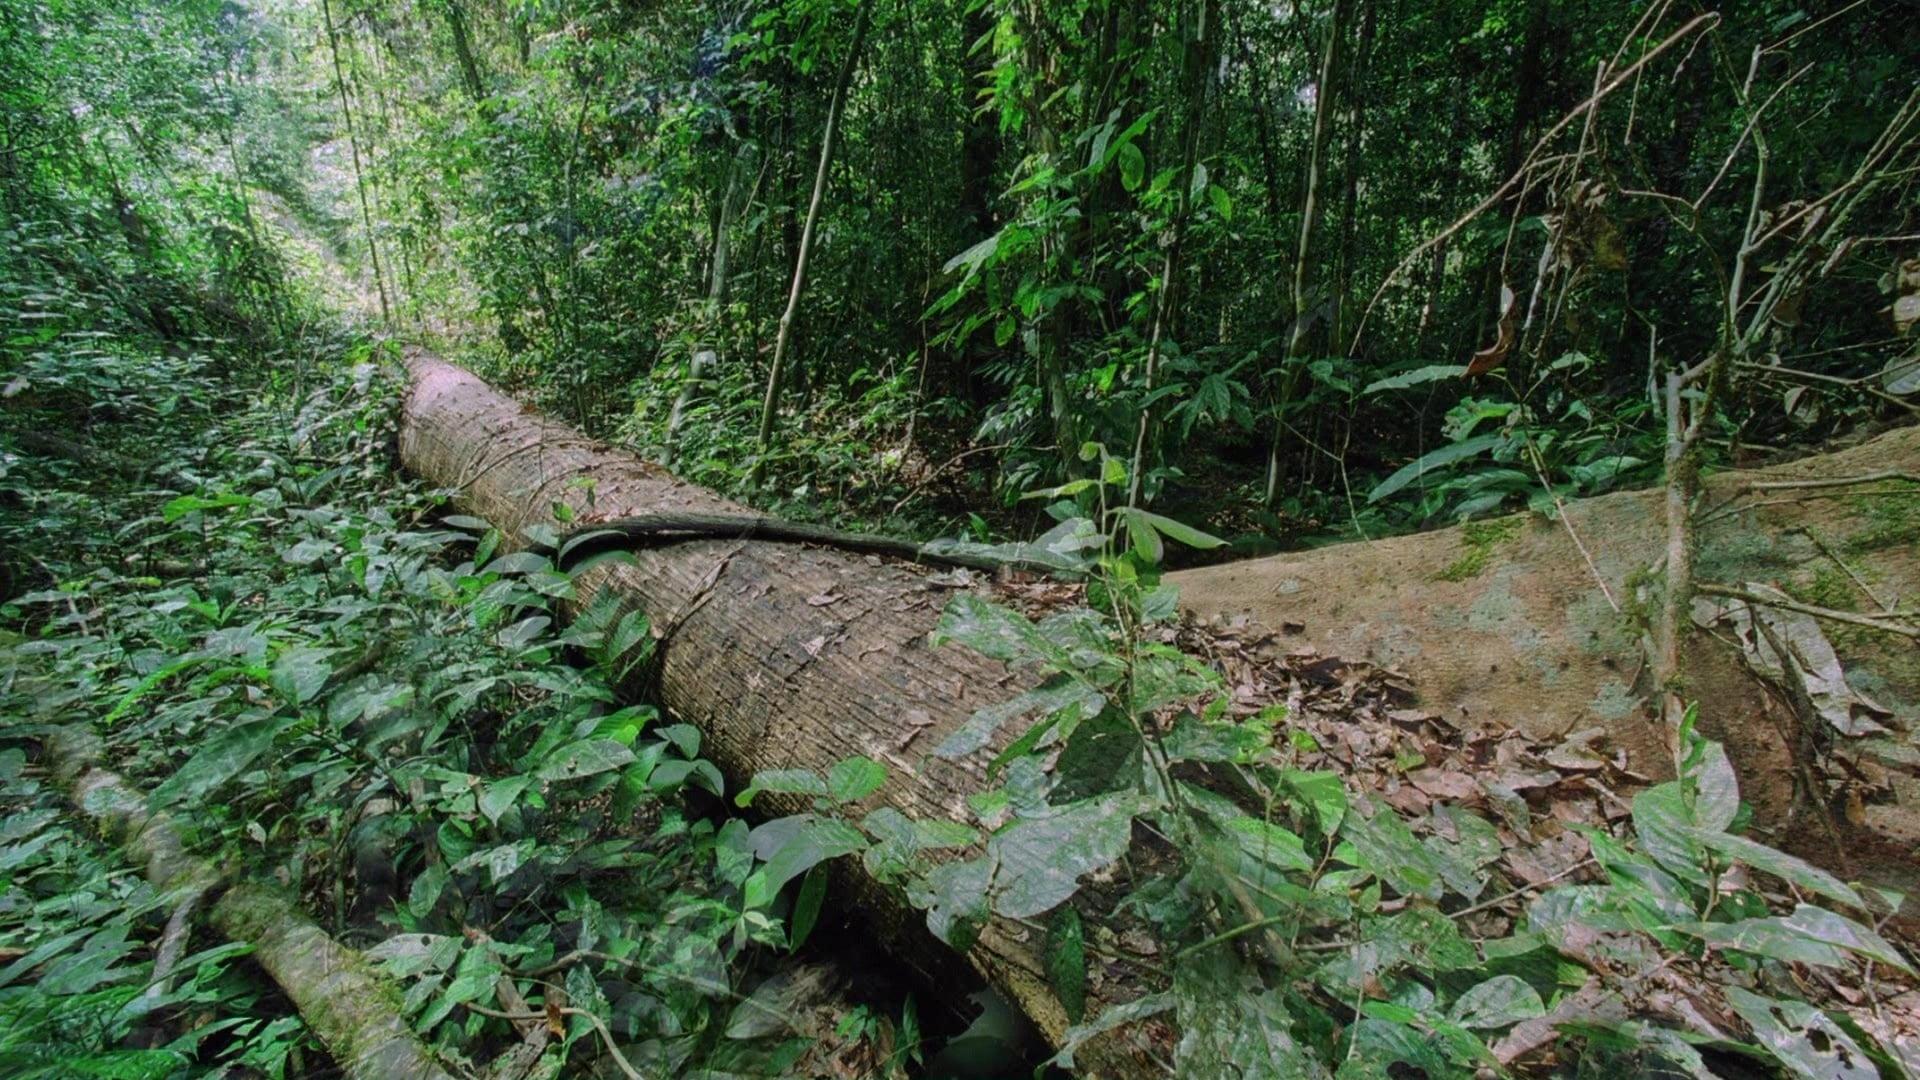 Planet earth s01e08 jungles online subtitrat hd vezi - Plante jungle ...